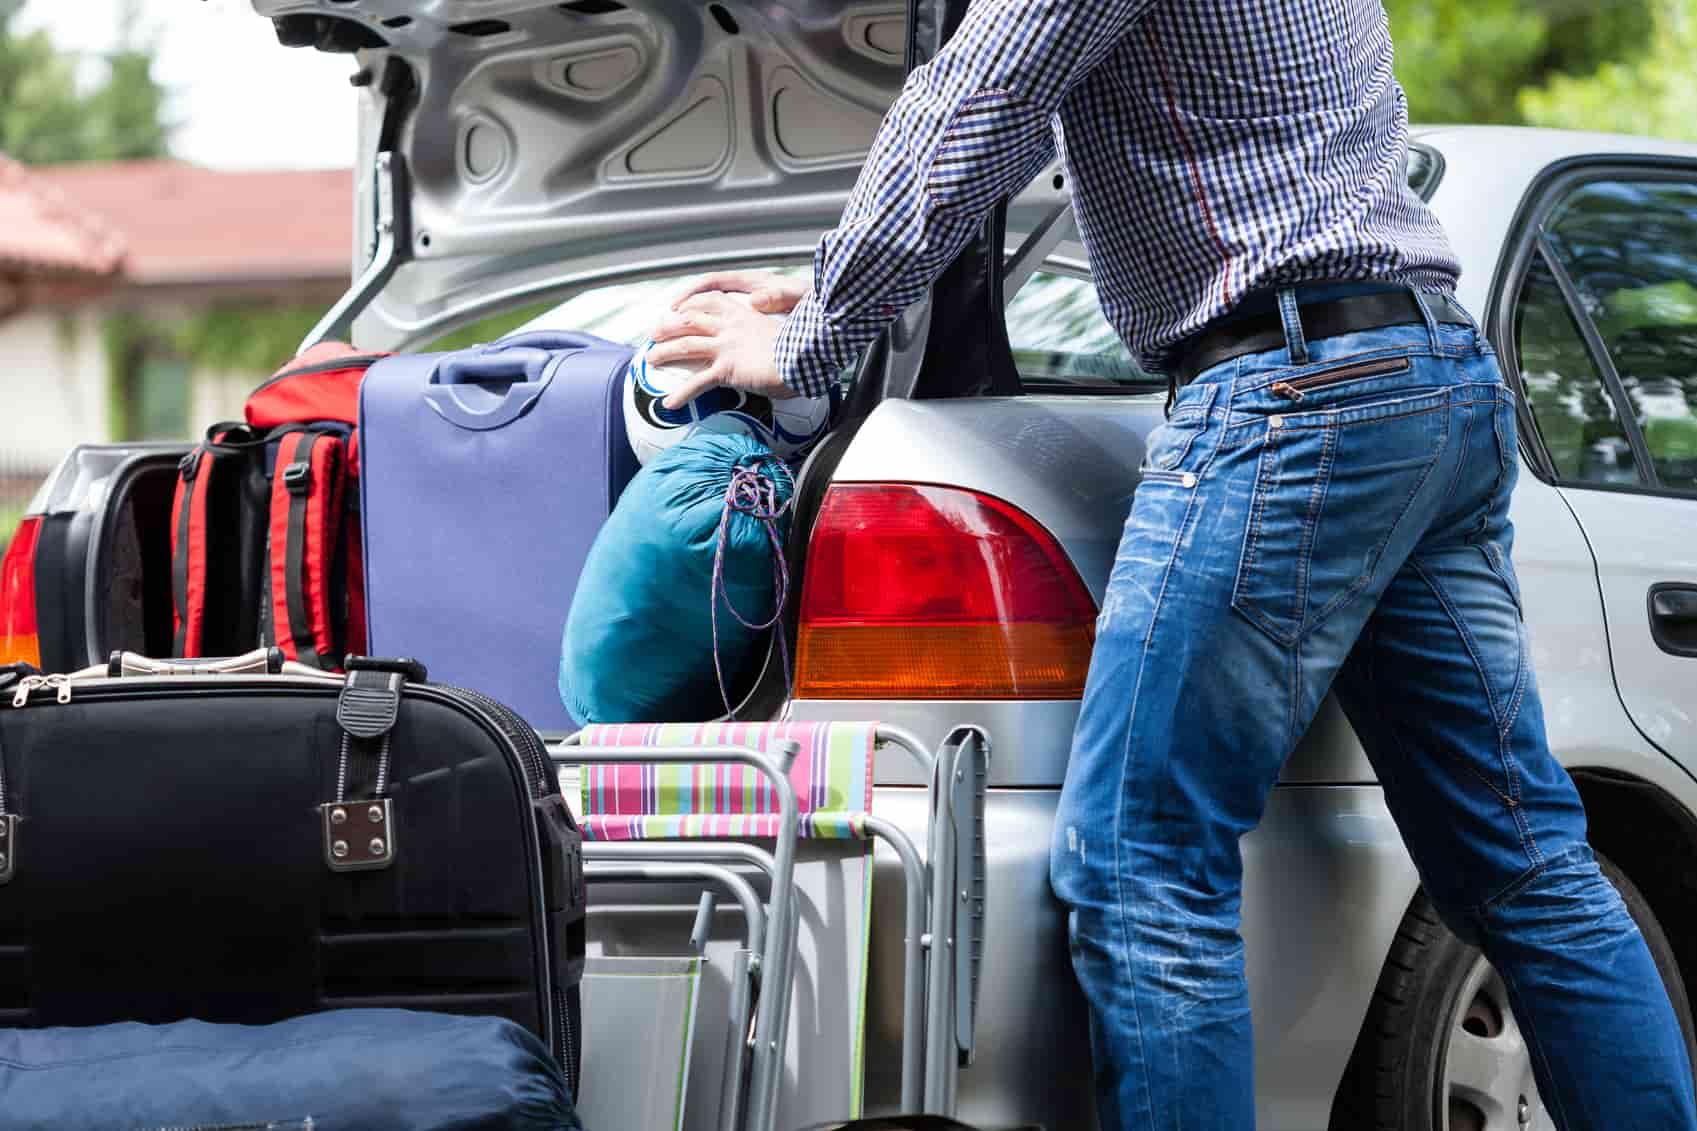 zníženie spotreby vozidla, ako ušetriť palivo, kufor, auto, muž